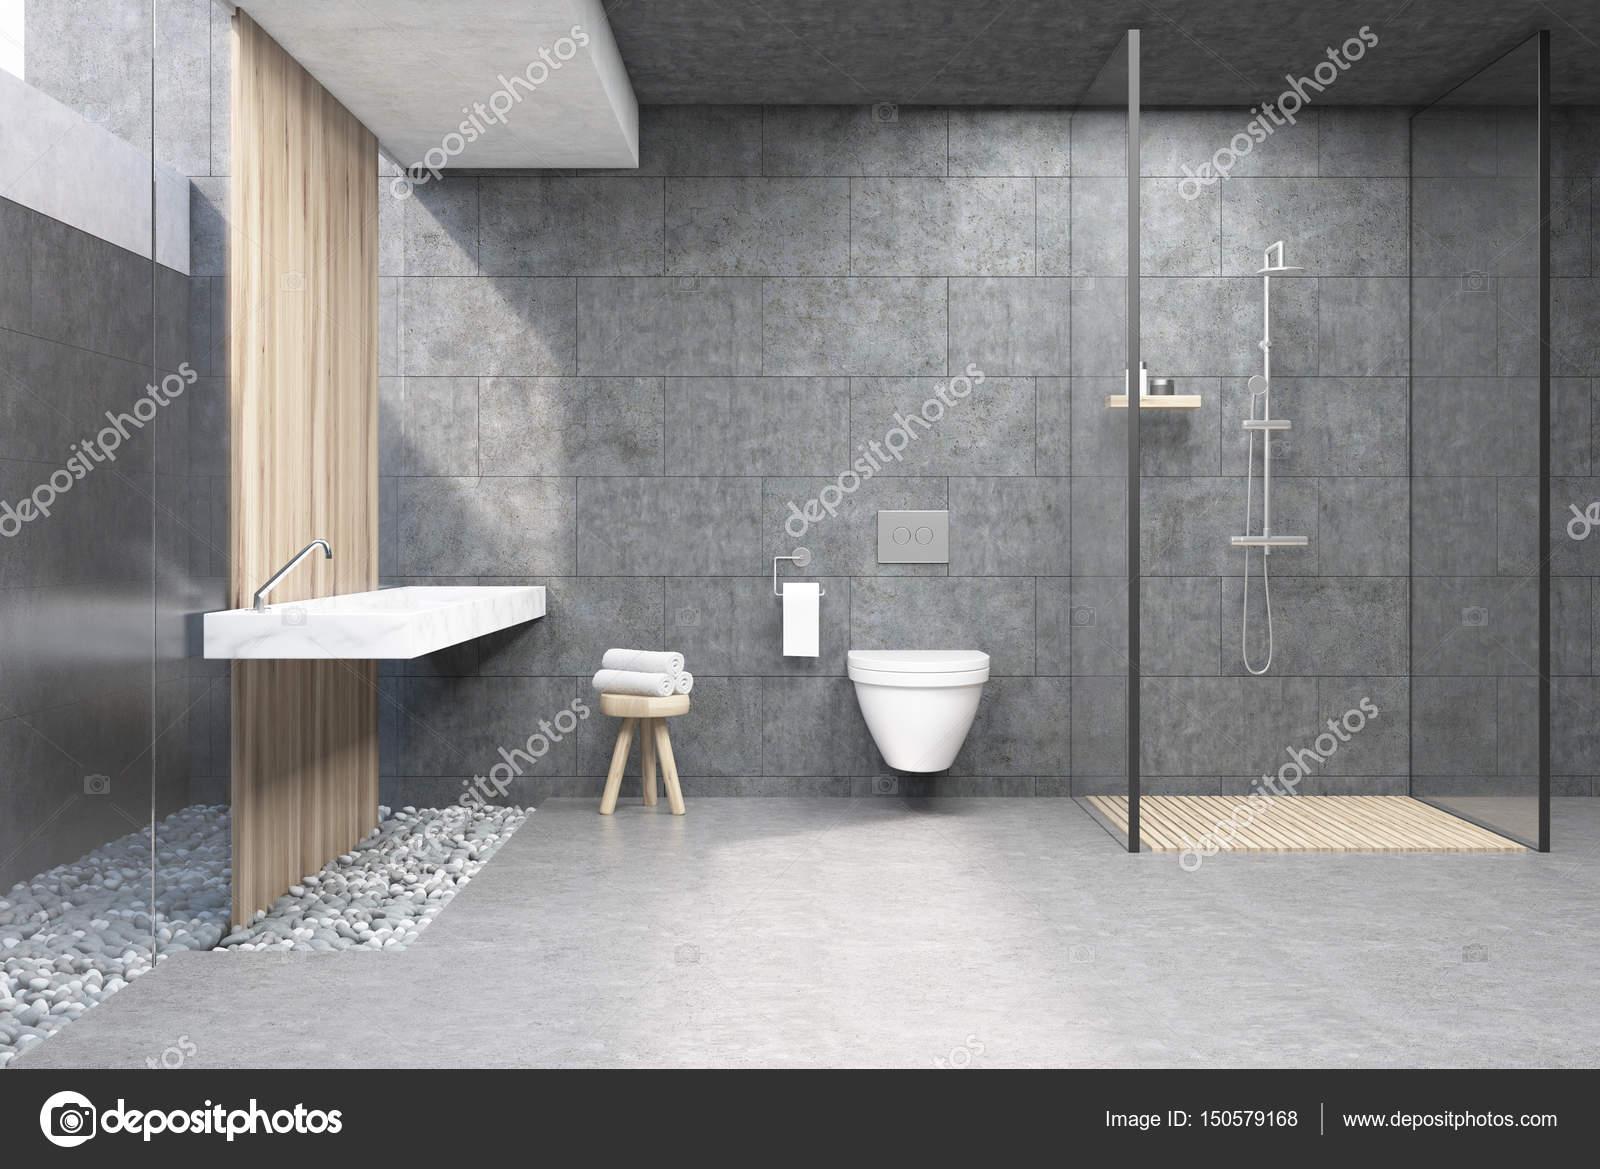 Glazen Wand Douche : Badkamer interieur met grijze wanden een douchecabine met glazen